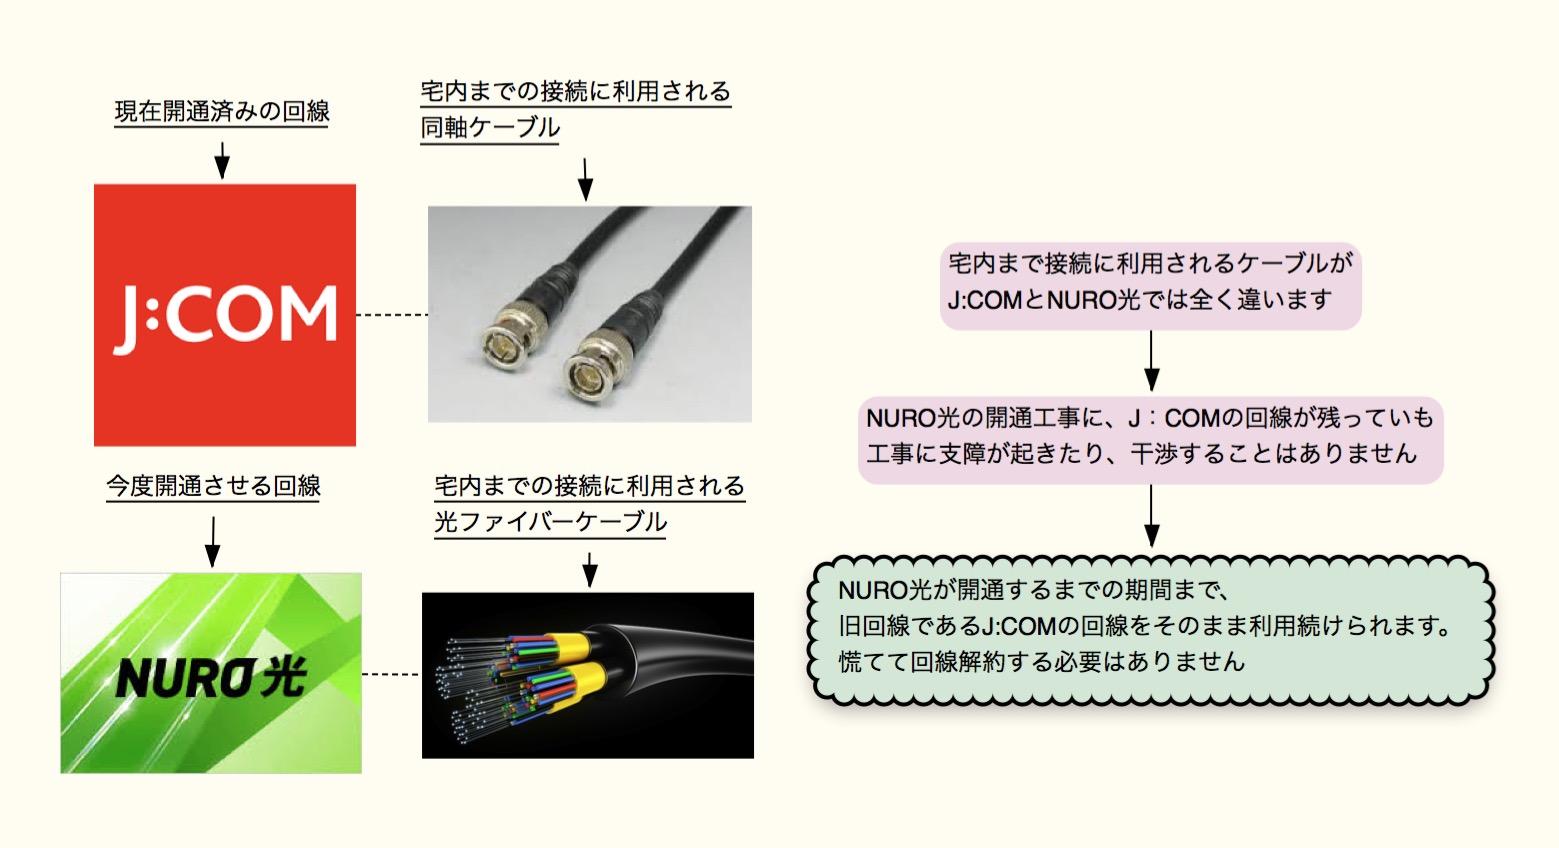 J:COMの使用回線ケーブル